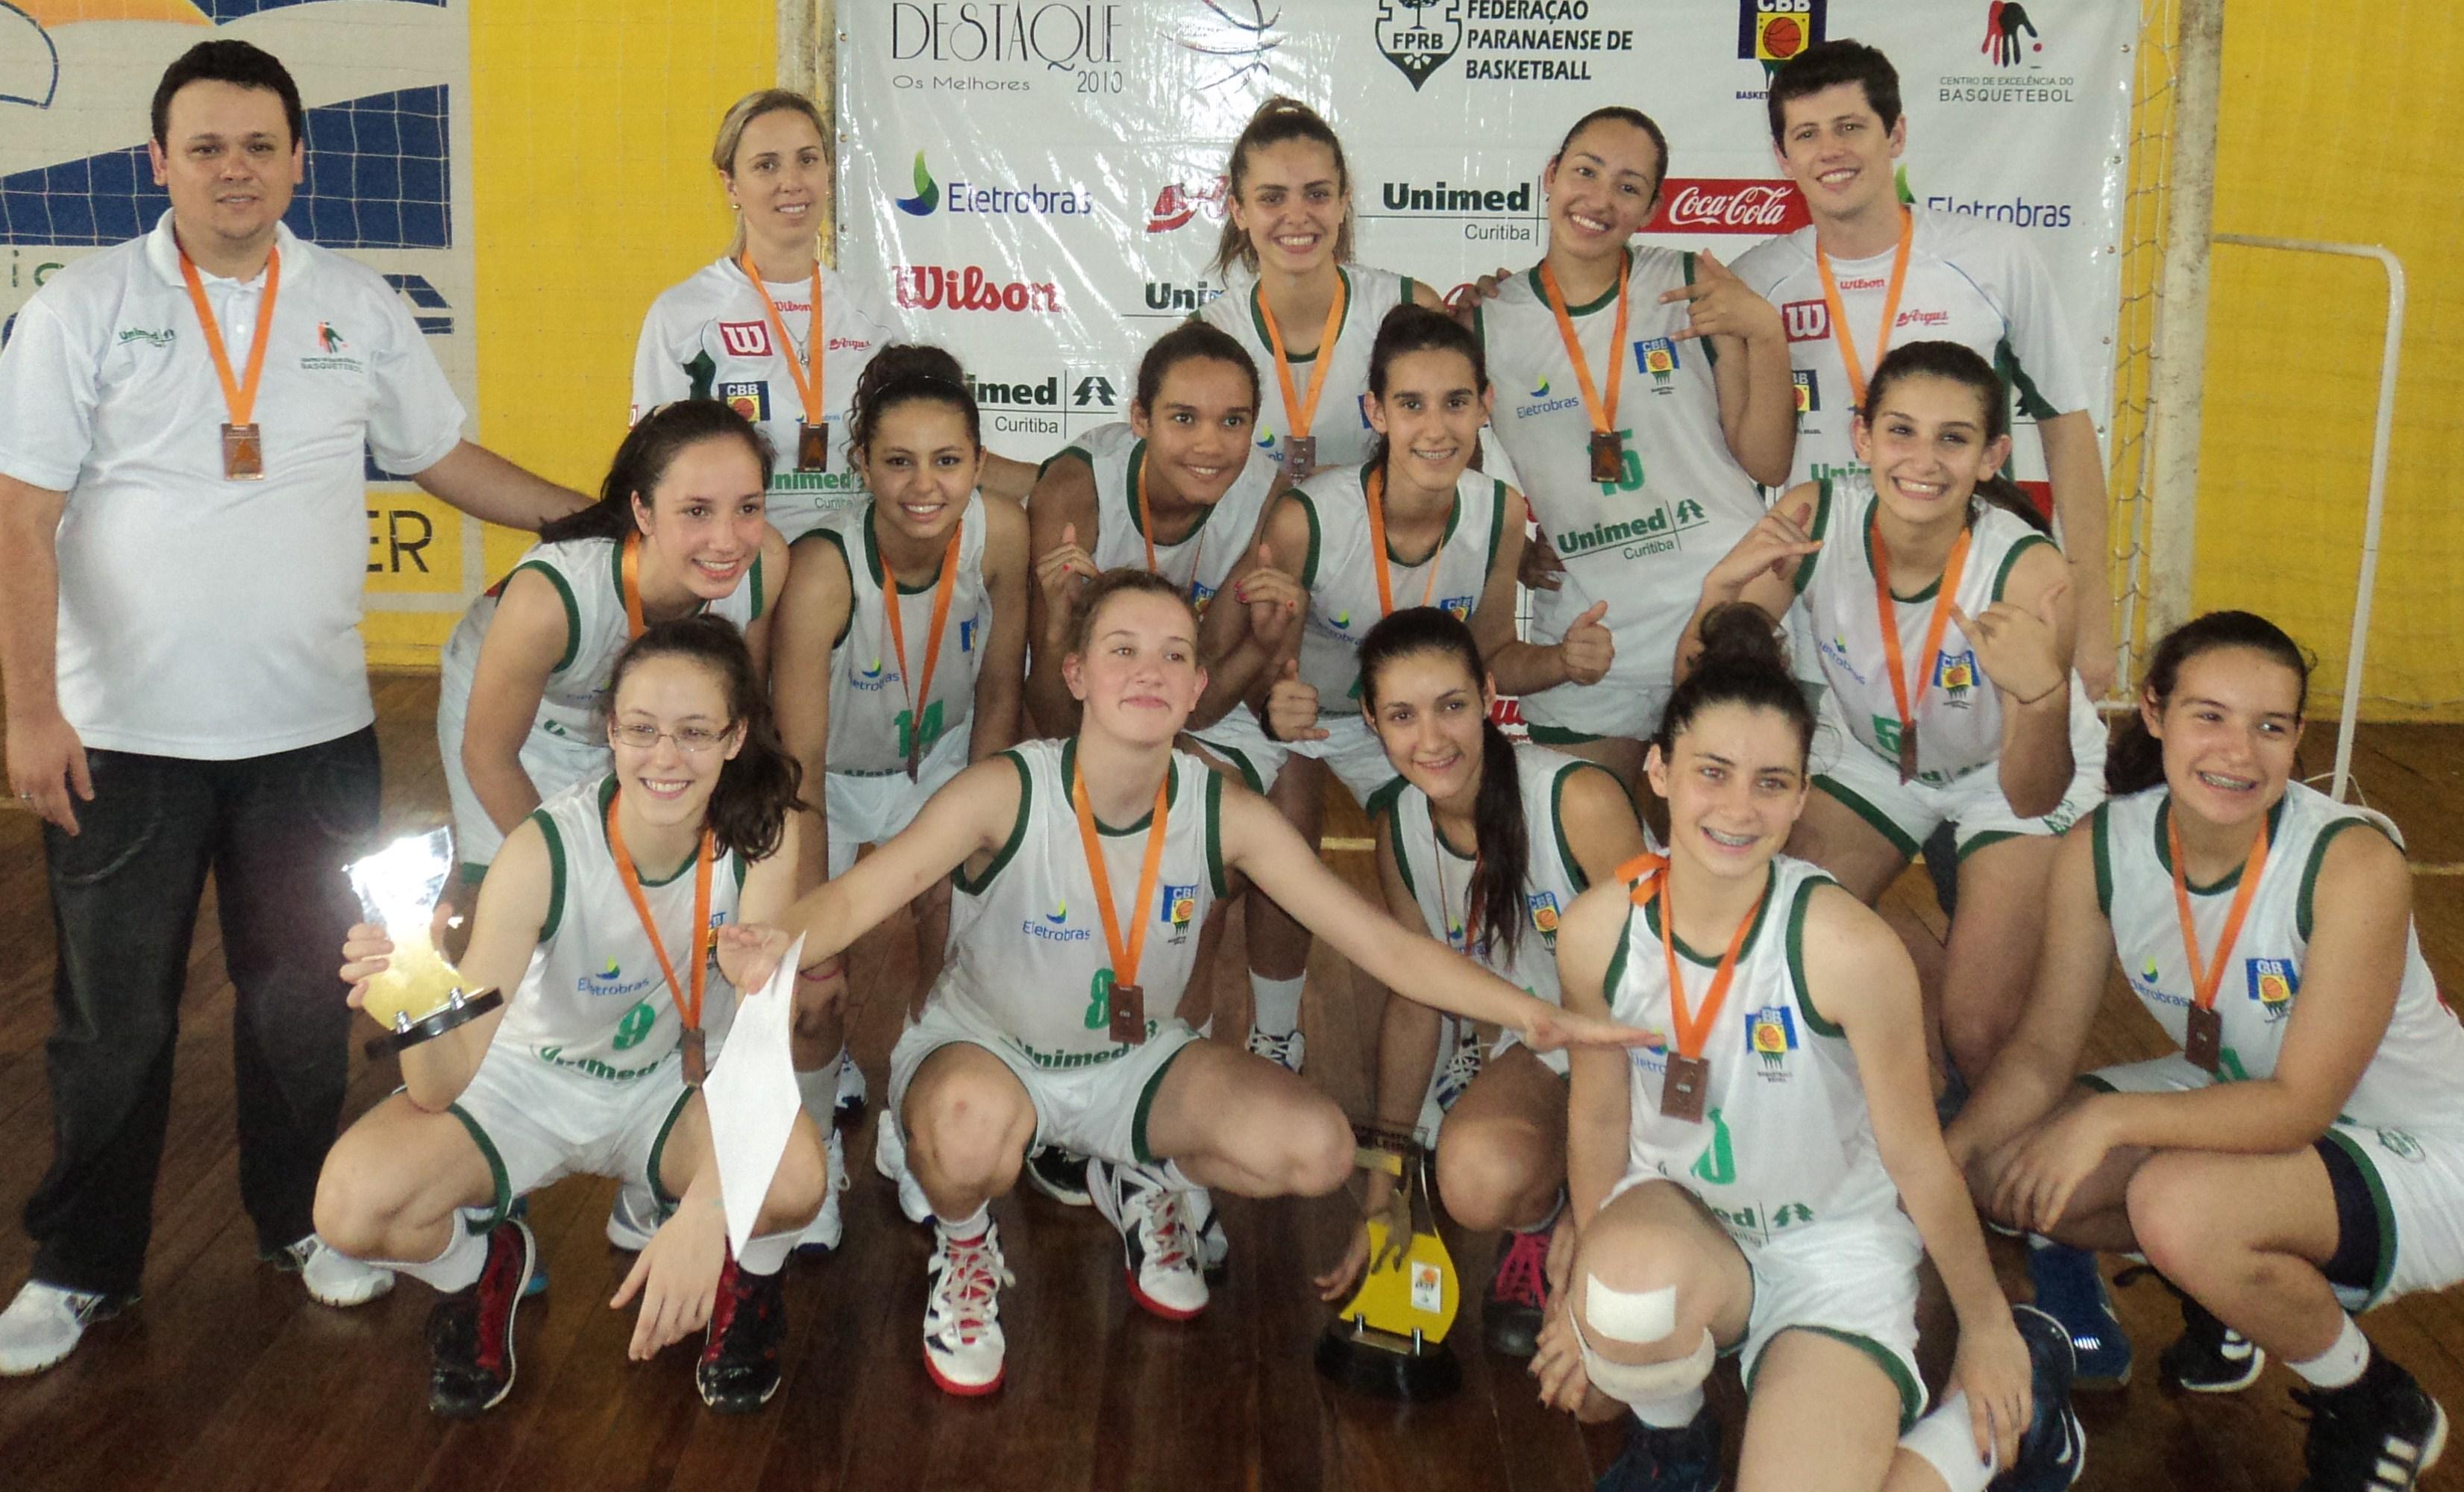 Seleção do Paraná conquista o terceiro lugar no Campeonato Brasileiro de Basquete Feminino